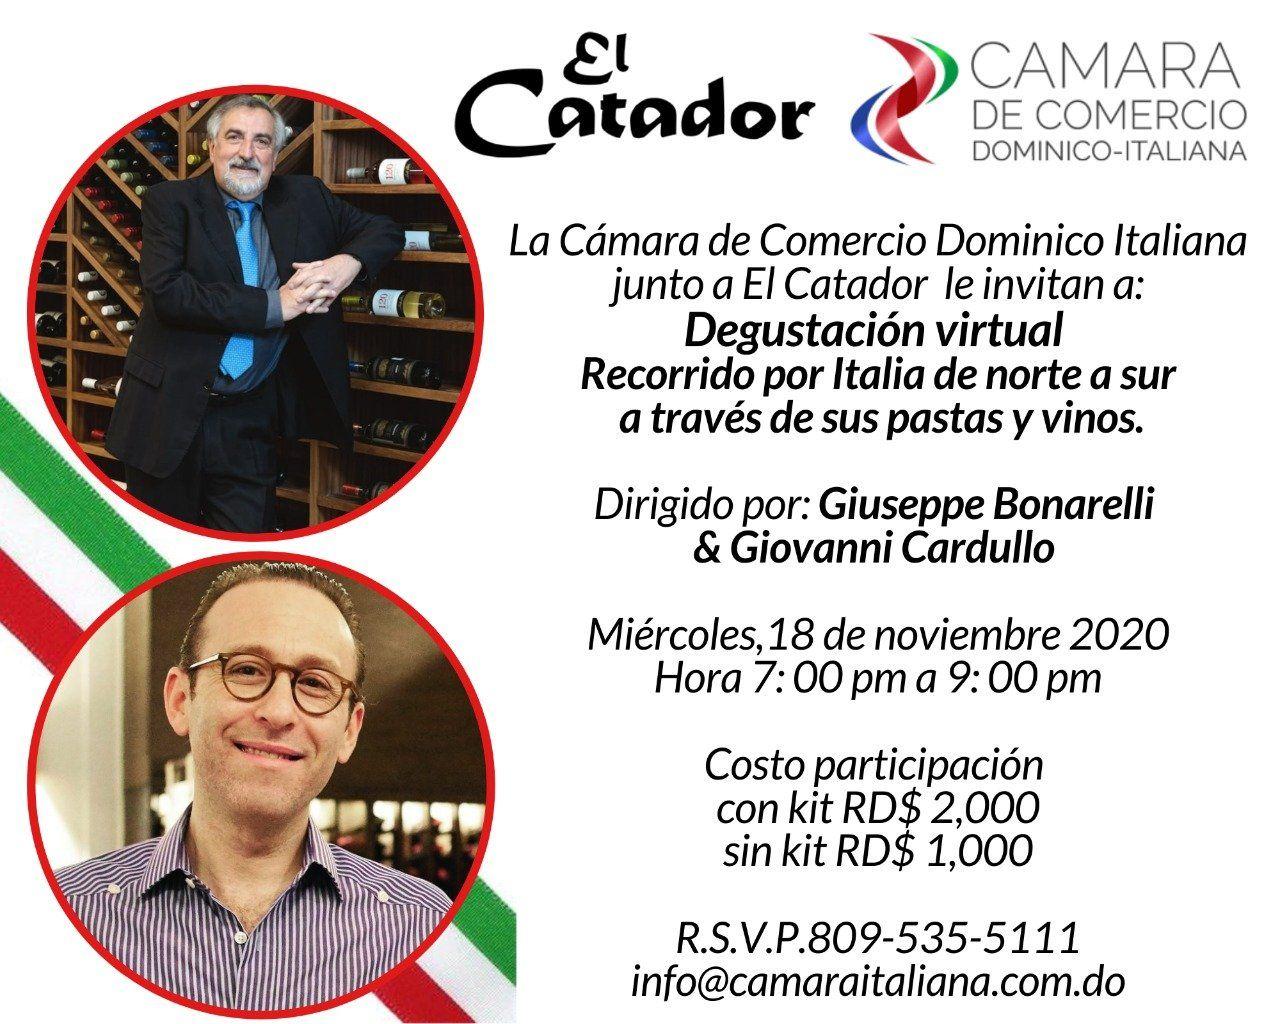 <p><strong>C&aacute;mara de Comercio Dominico-Italiana, junto a El Catador, promueve la semana de la cocina italiana</strong></p>